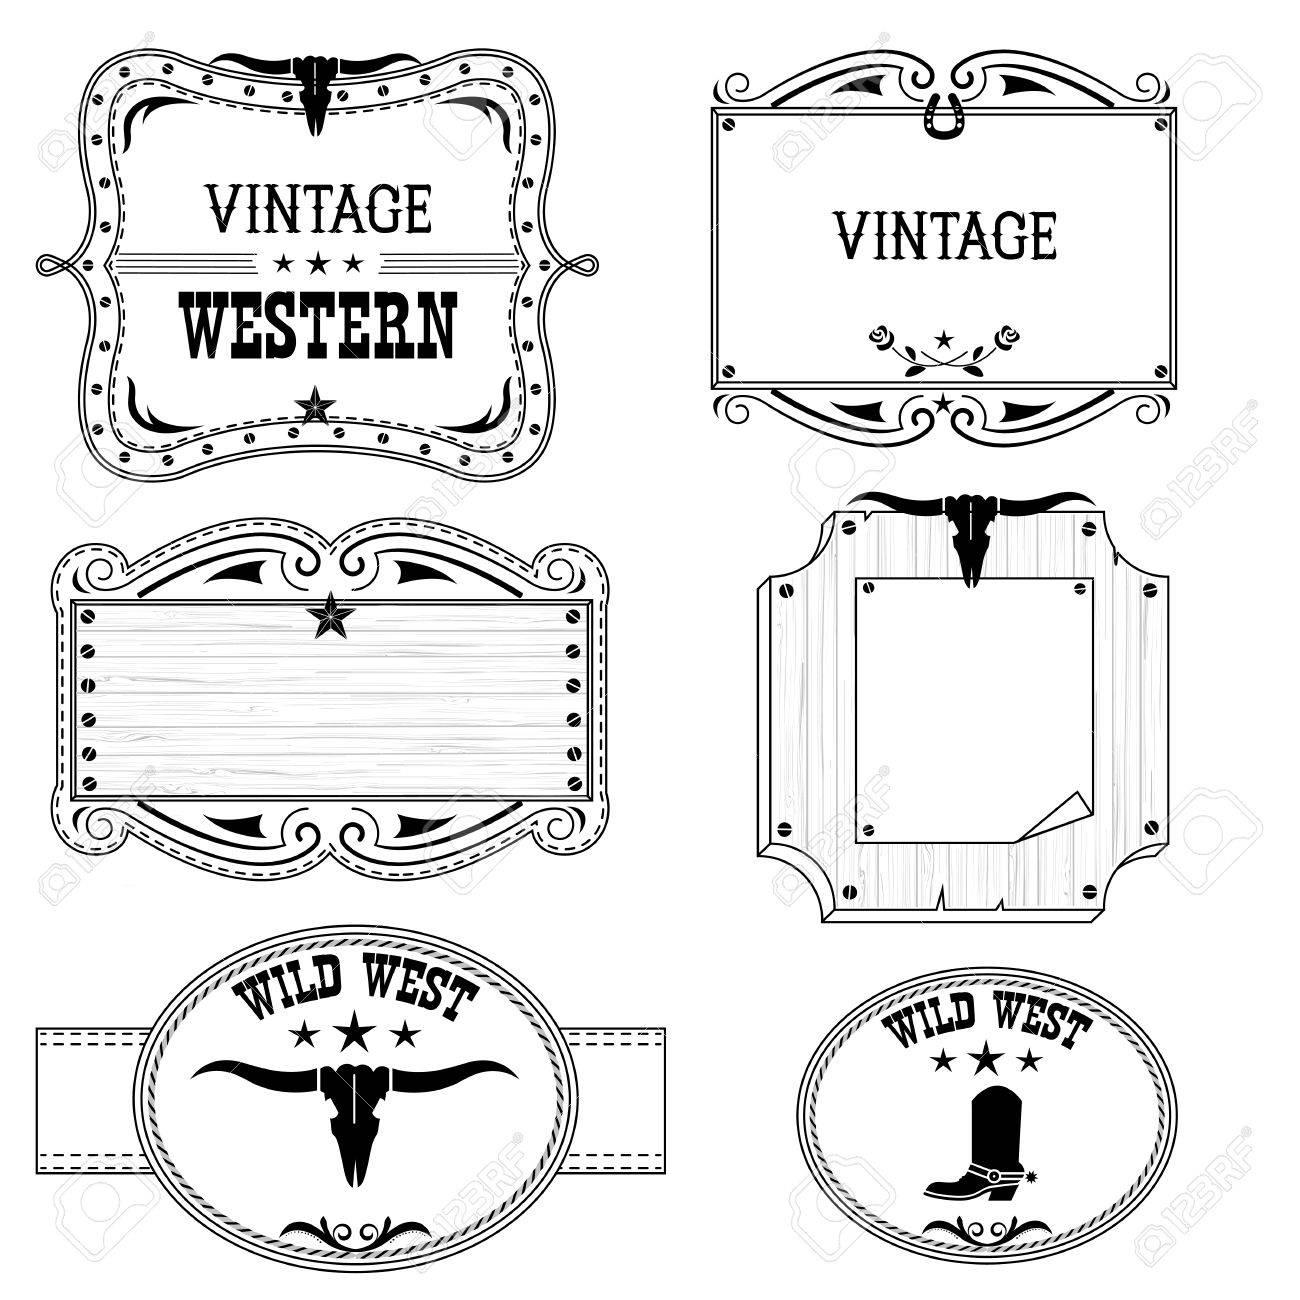 Western-Vintage-Cowboy-Etiketten Für Design.Vector Antike ...